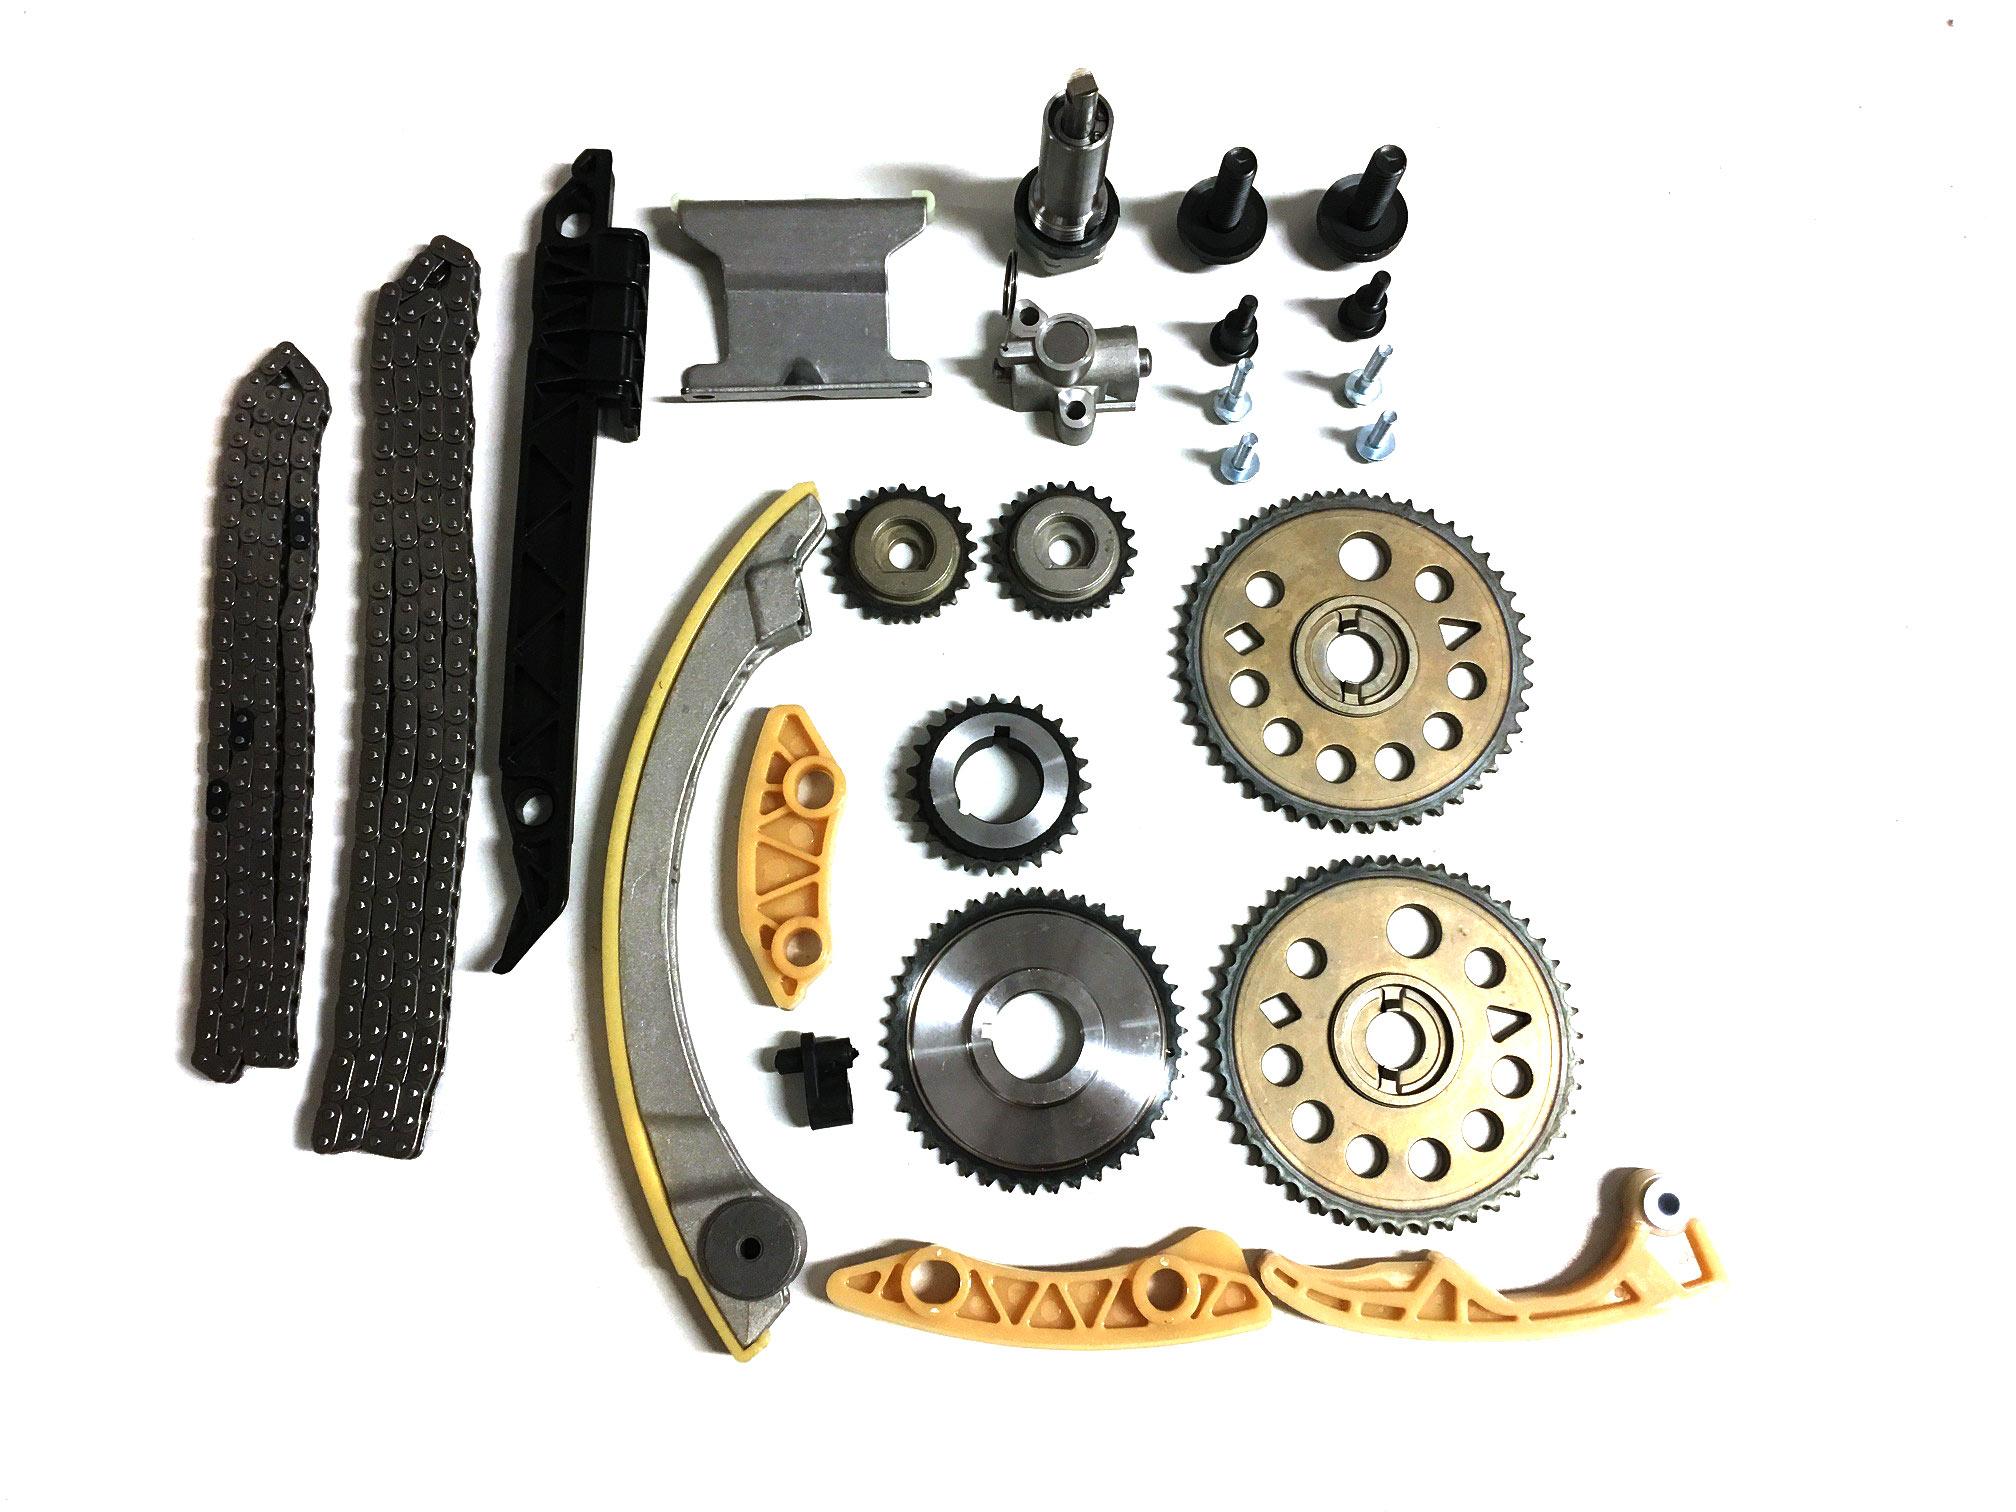 Steuerkettensatz juego de cadenas Conjunto de Opel, Fiat 2,2 16V Z22SE Z22YH 55570337 NUEVO